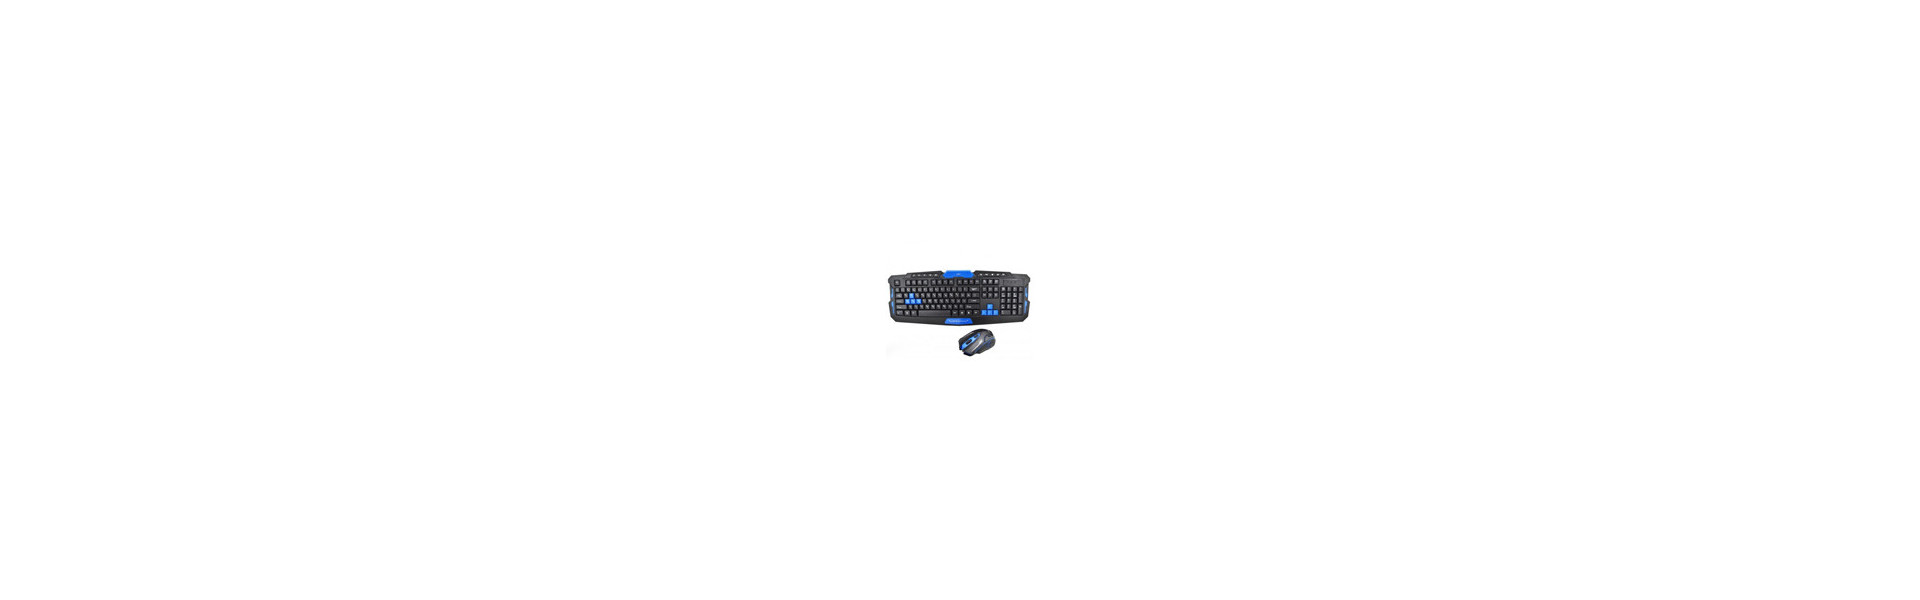 Комплекты (клавиатура+мышка)